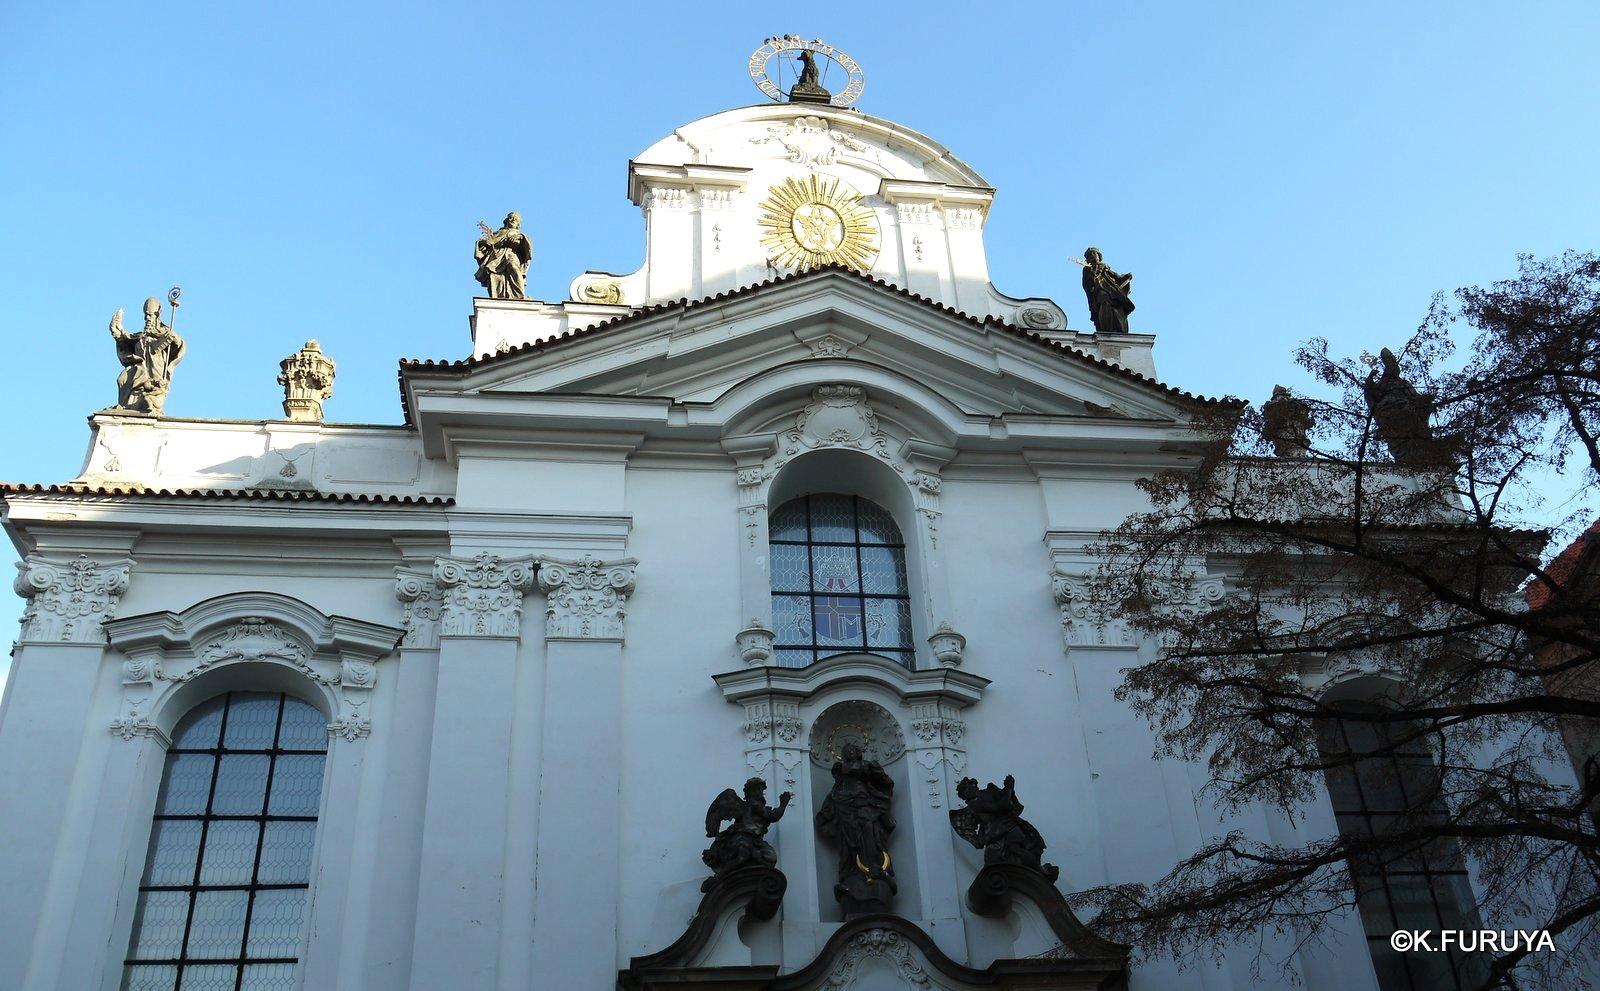 プラハ 1  ストラホフ修道院_a0092659_21544915.jpg